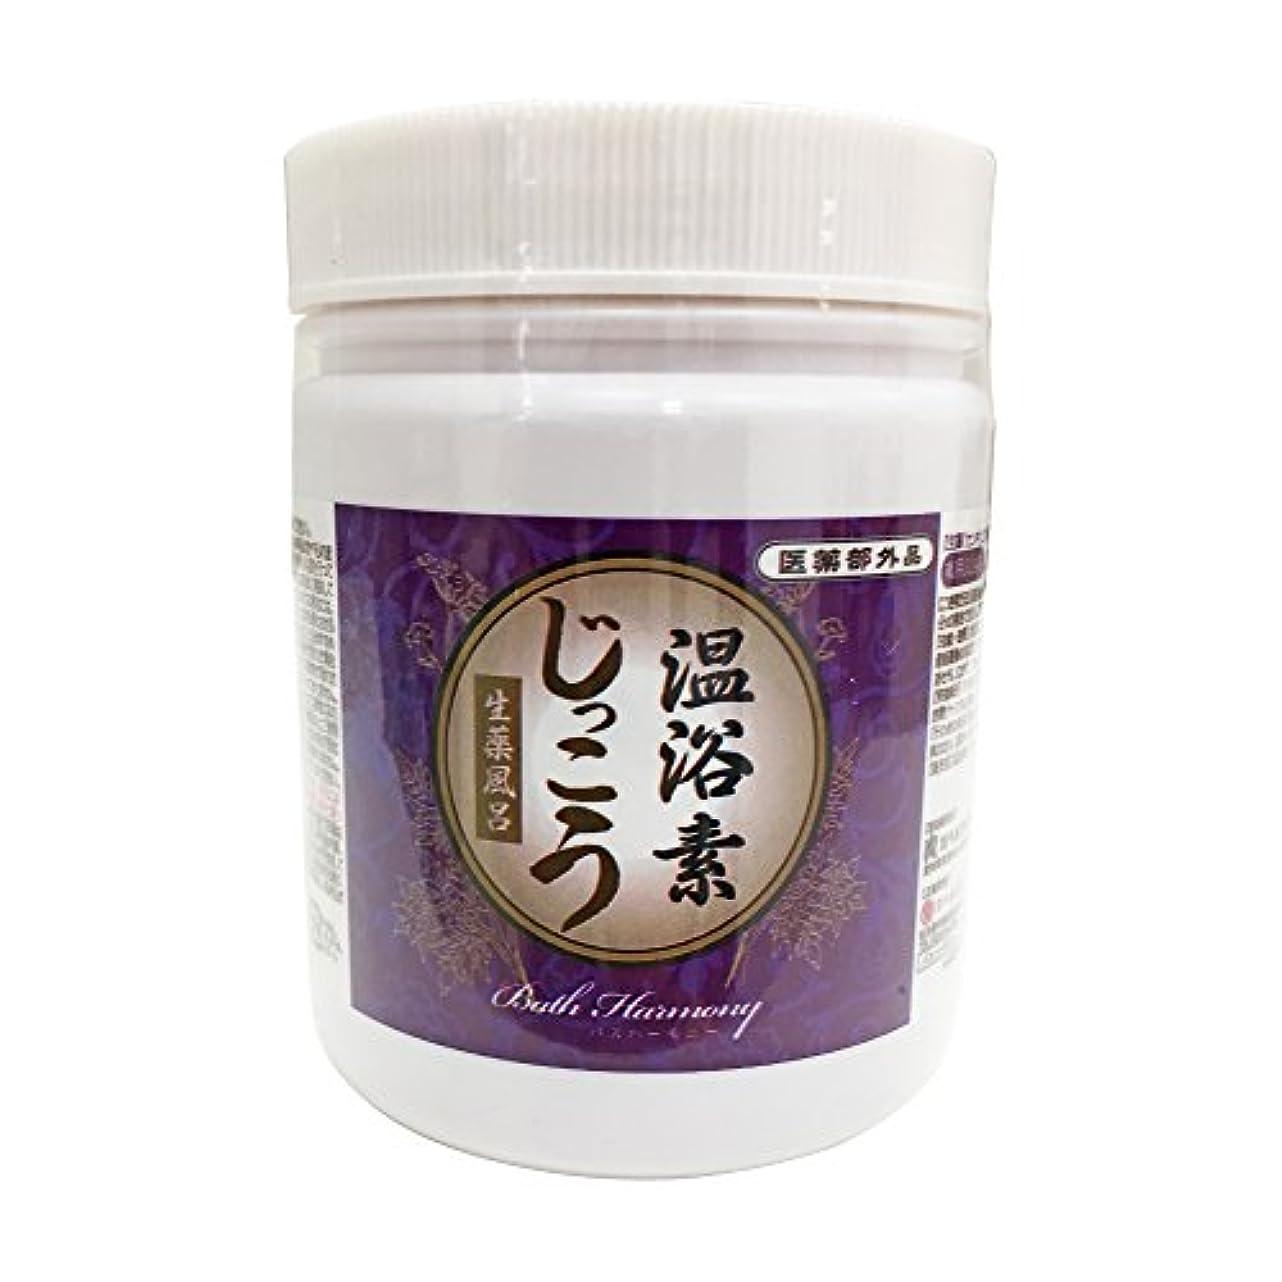 ますます村馬鹿温浴素 じっこう 500g 約25回分 粉末 生薬 薬湯 医薬部外品 ロングセラー 天然生薬 の 香り